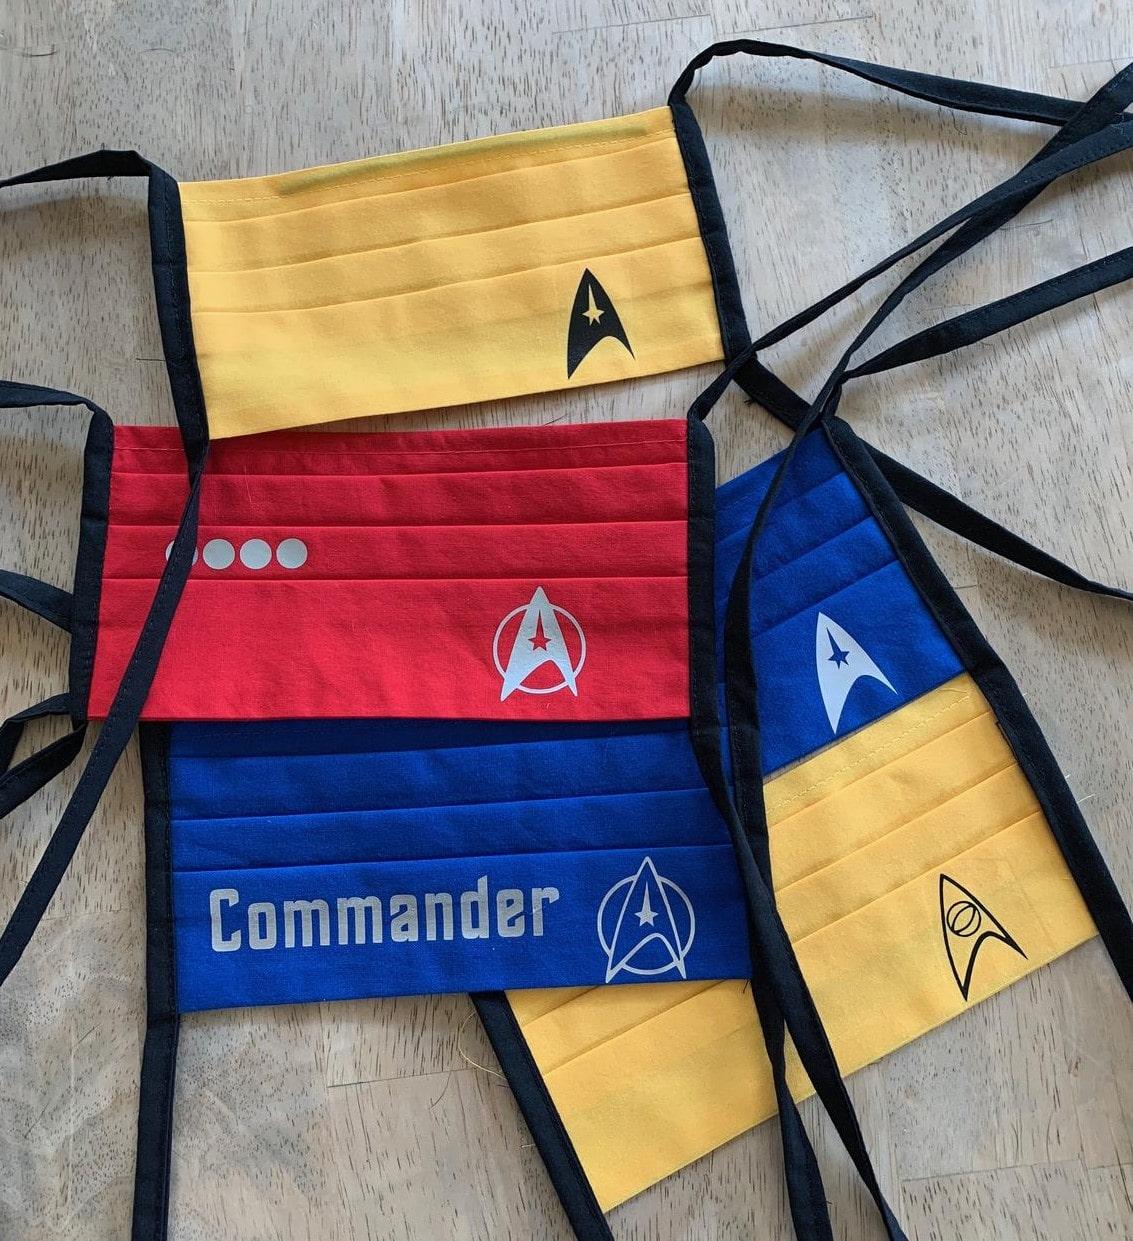 Star Trek face masks help Trekkies live long and prosper 17